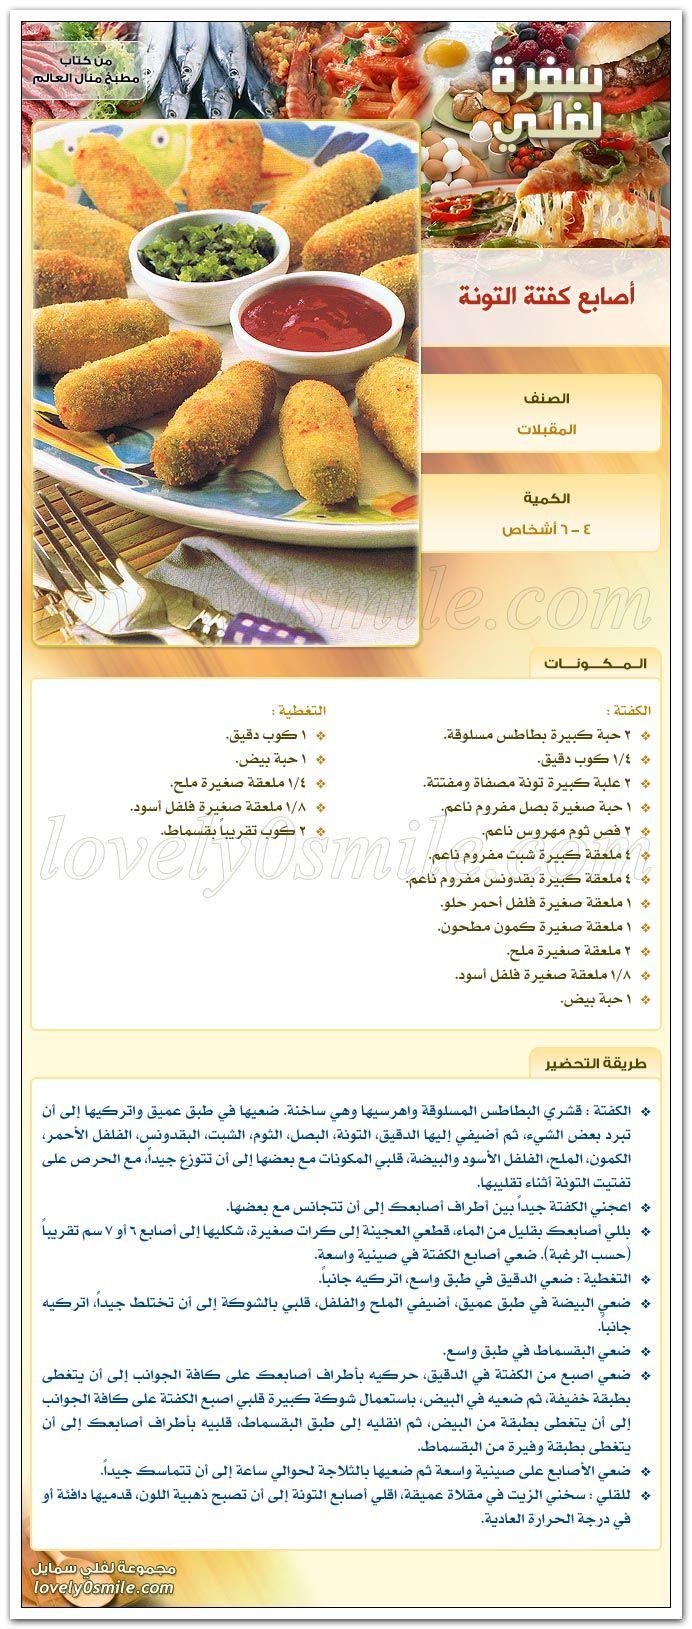 طريقة عمل الثومية و قلي البطاطا بالشكل الصحيح المقادير بطاطا خل ملح ماء مغلي زيت للقلي مكونات الثومية نشاء الذرة ماء ثوم Breakfast Recipes Food Home Cooking